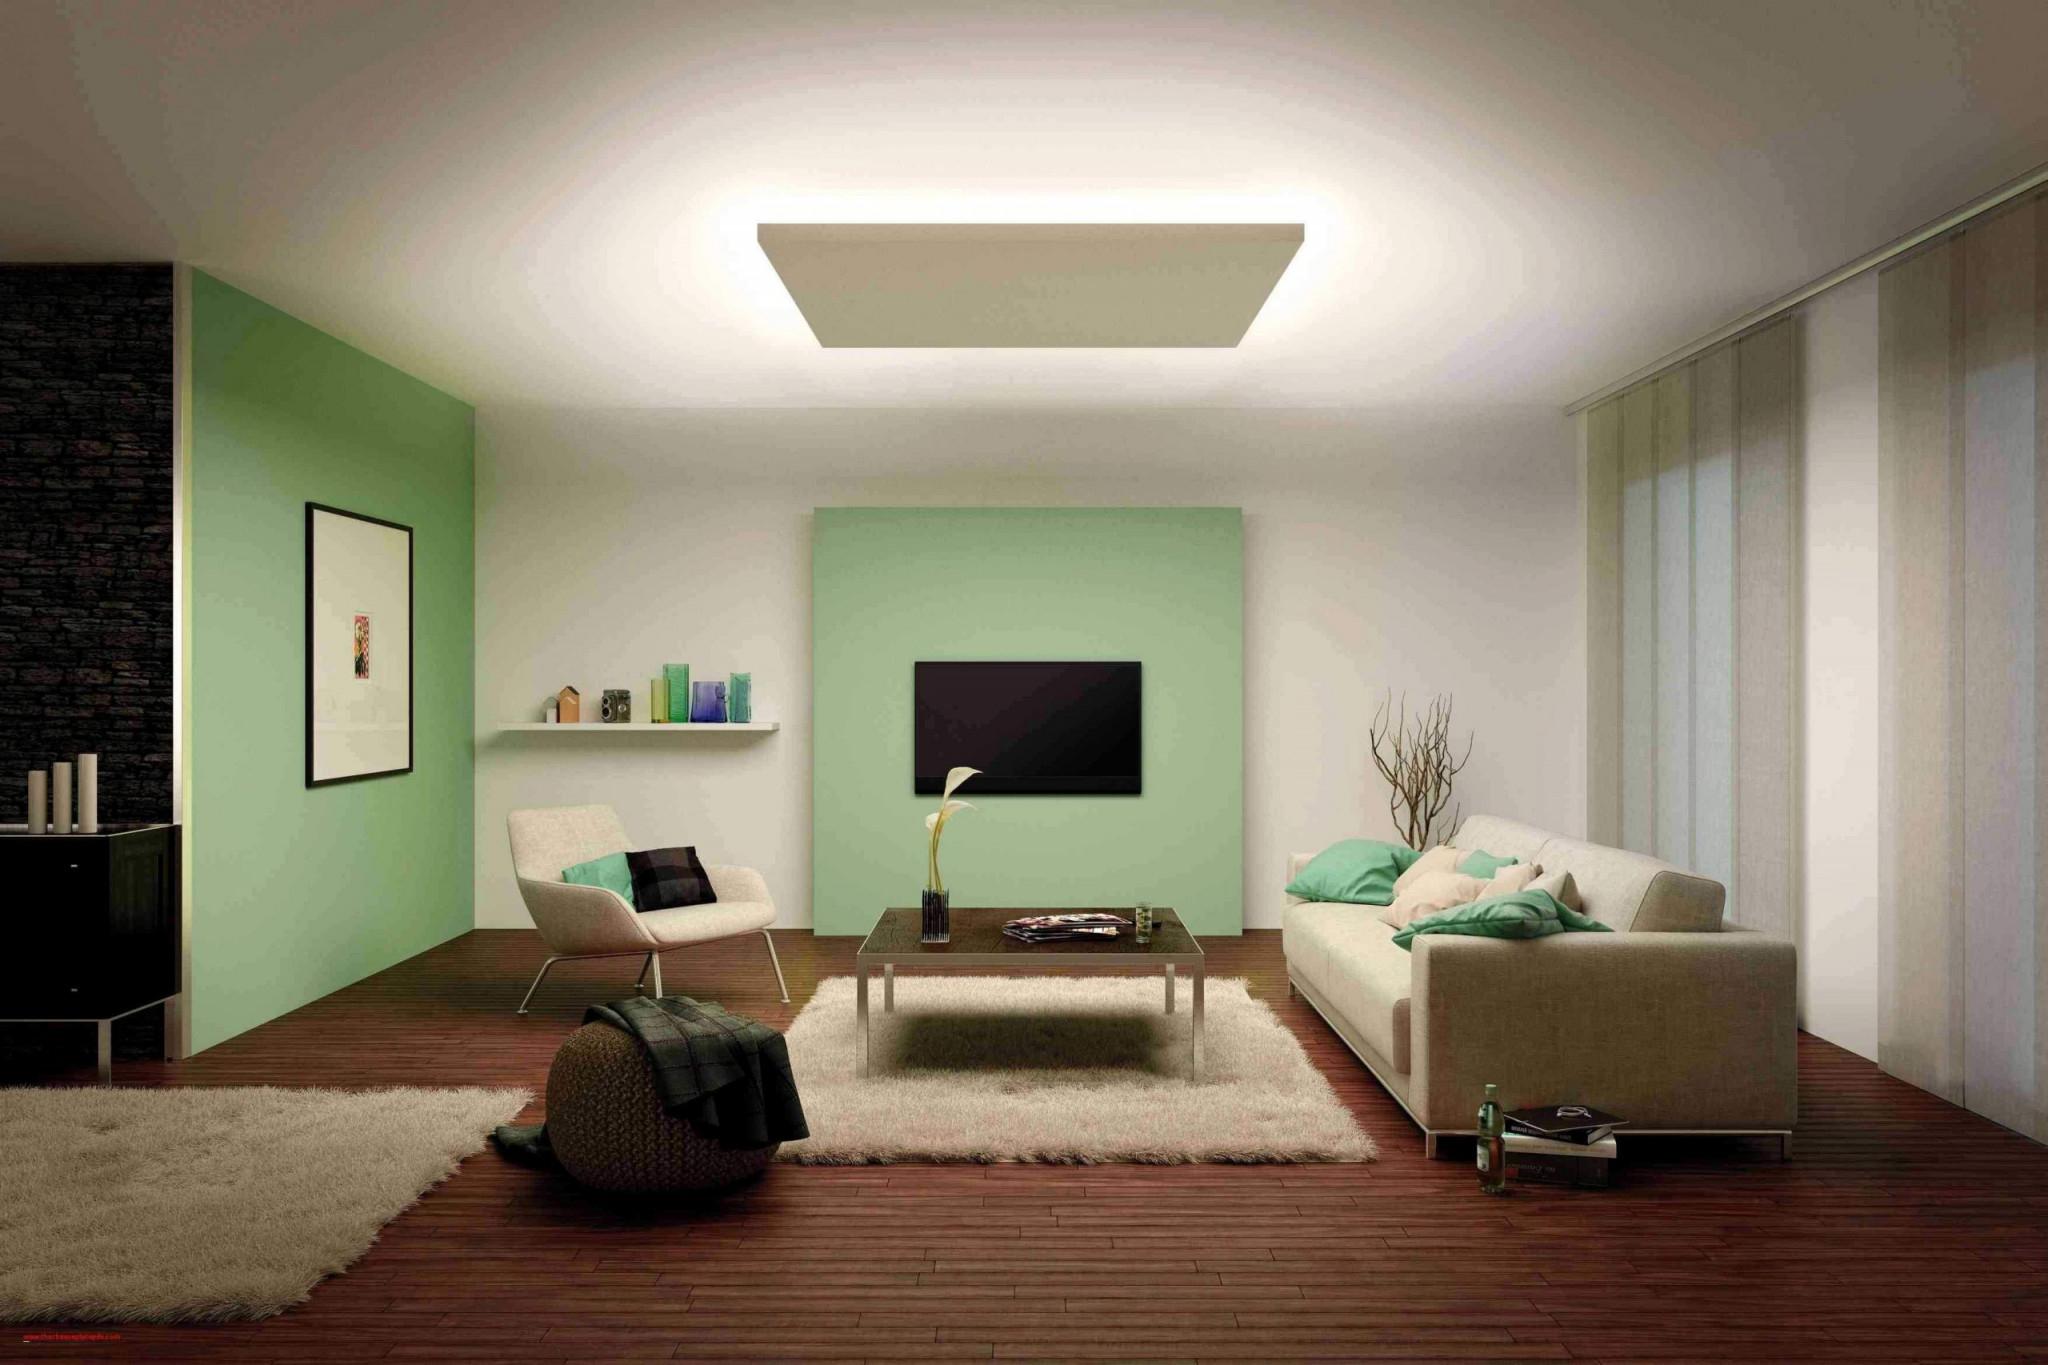 29 Frisch Led Deckenleuchte Wohnzimmer Neu  Wohnzimmer Frisch von Deckenleuchte Für Großes Wohnzimmer Bild